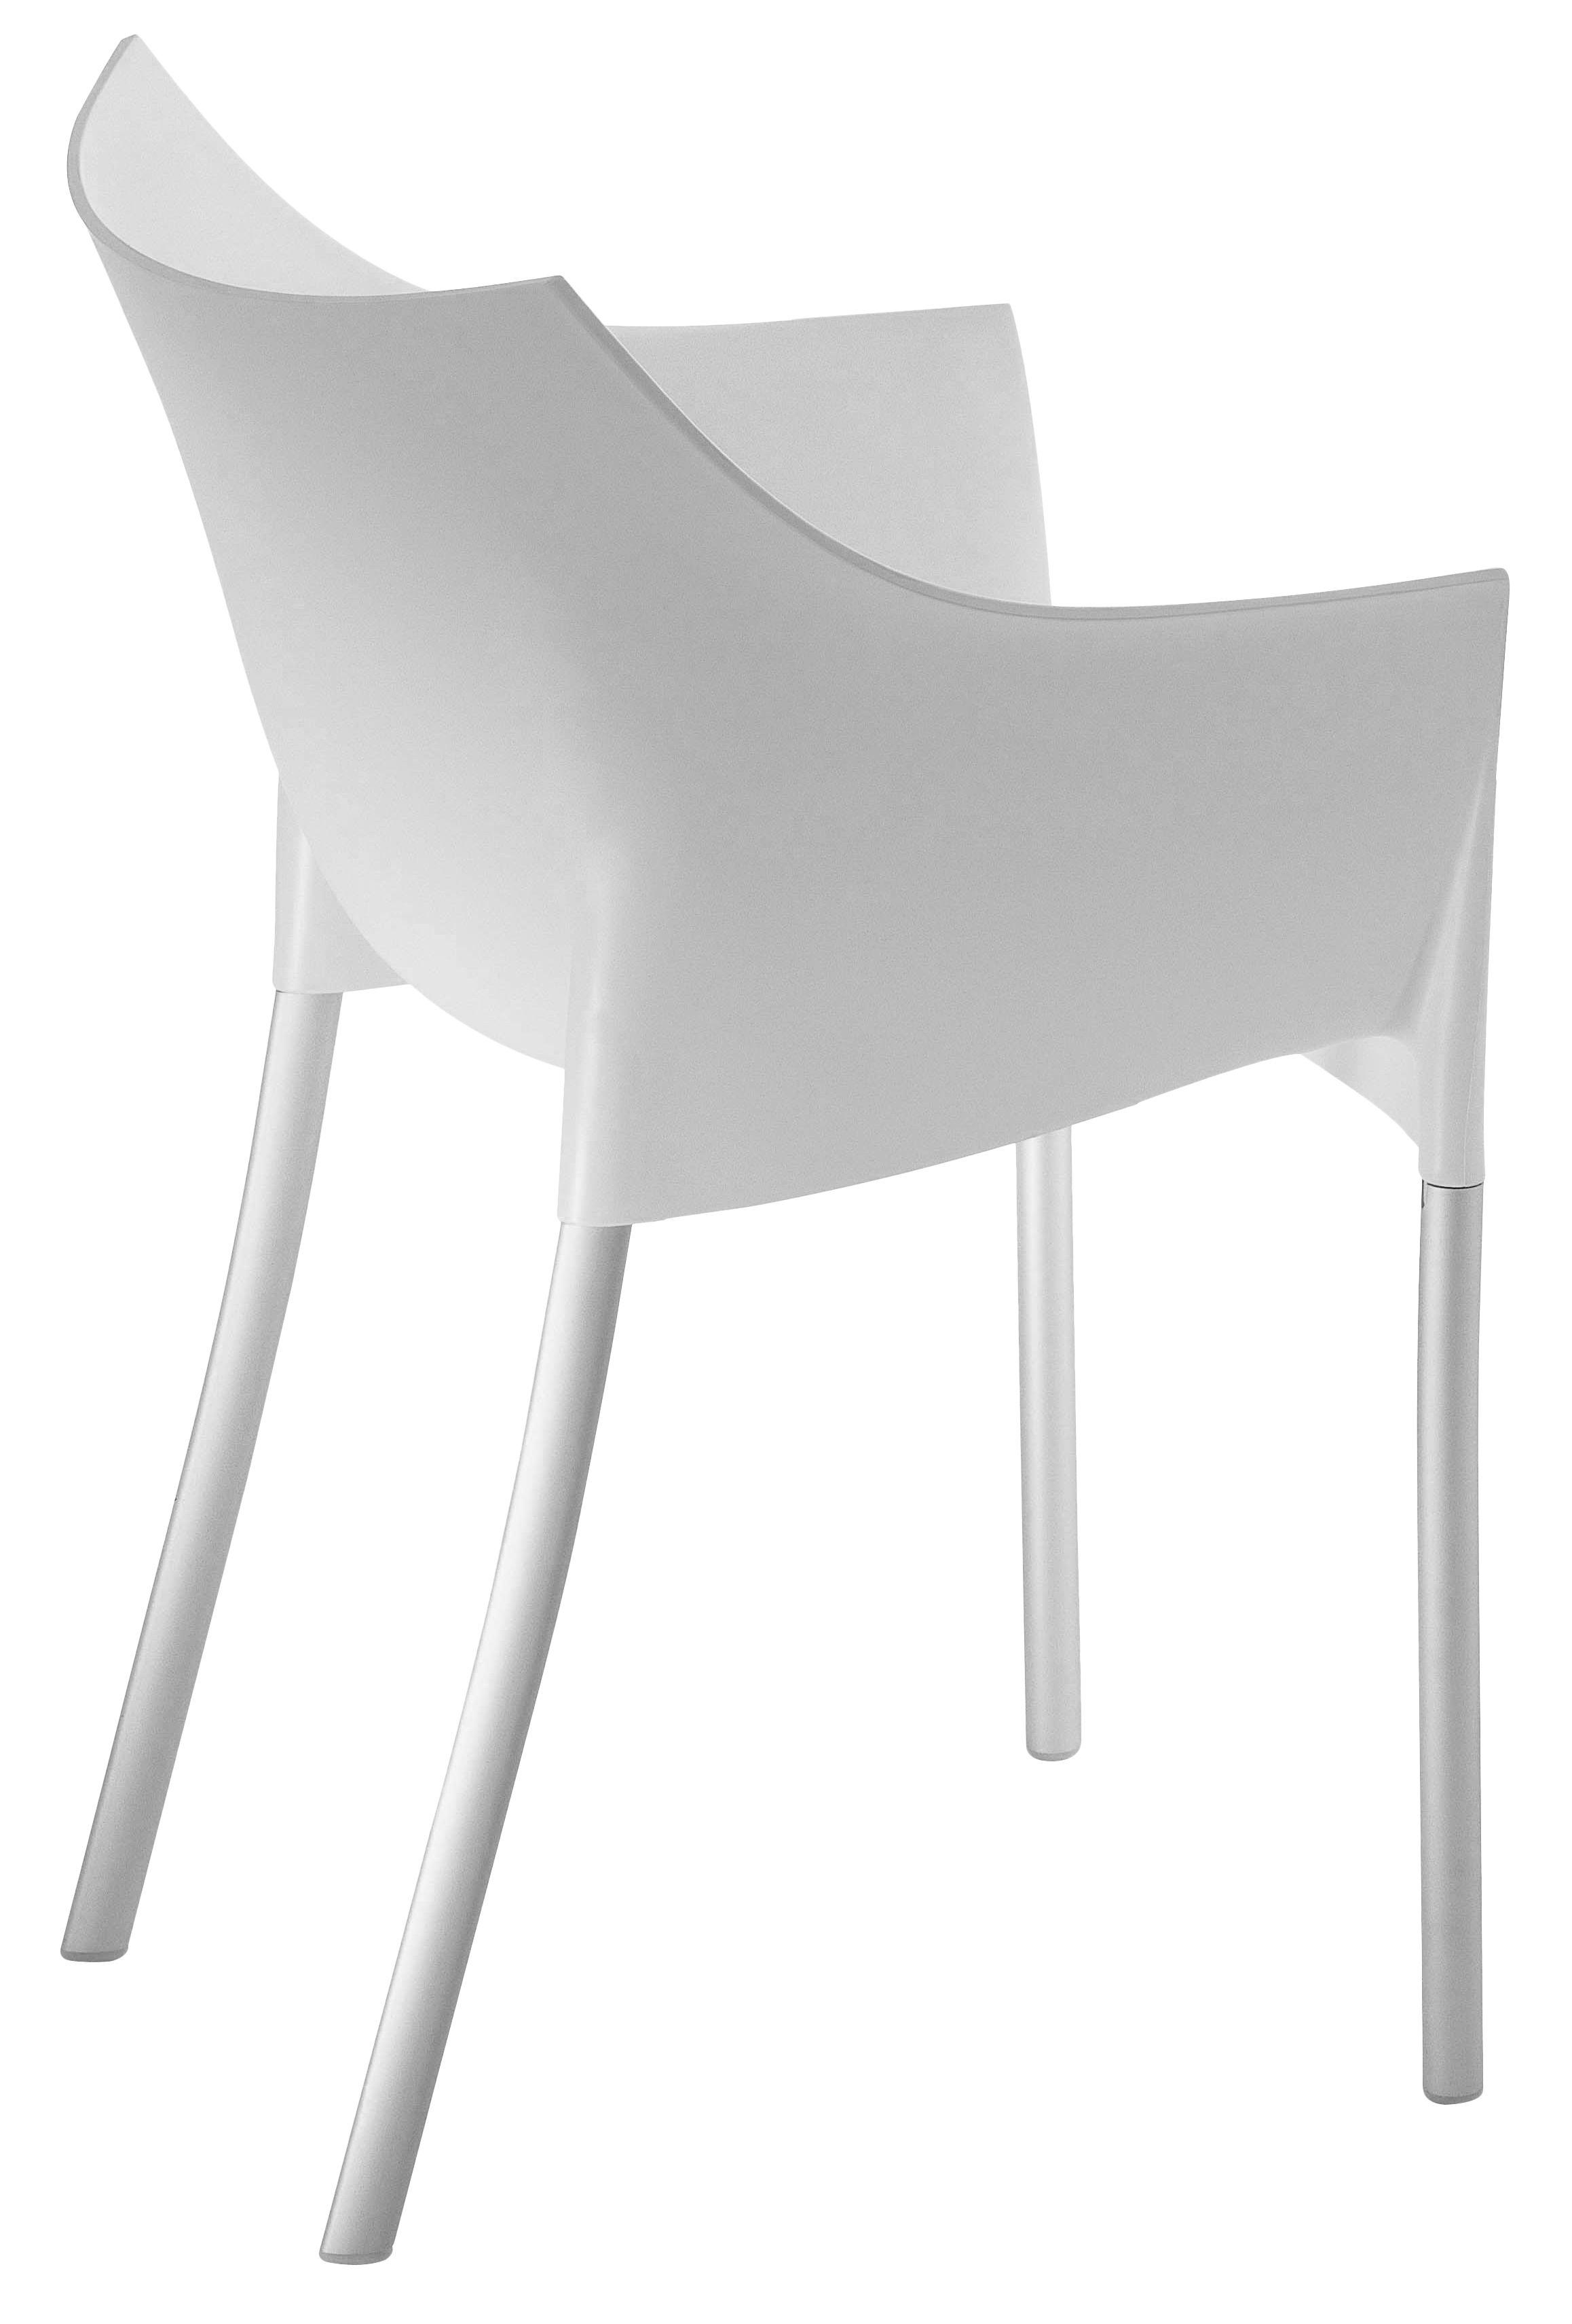 Mobilier - Chaises, fauteuils de salle à manger - Fauteuil empilable Dr. No / Plastique & pieds métal - Kartell - Blanc cire - Aluminium, Polypropylène